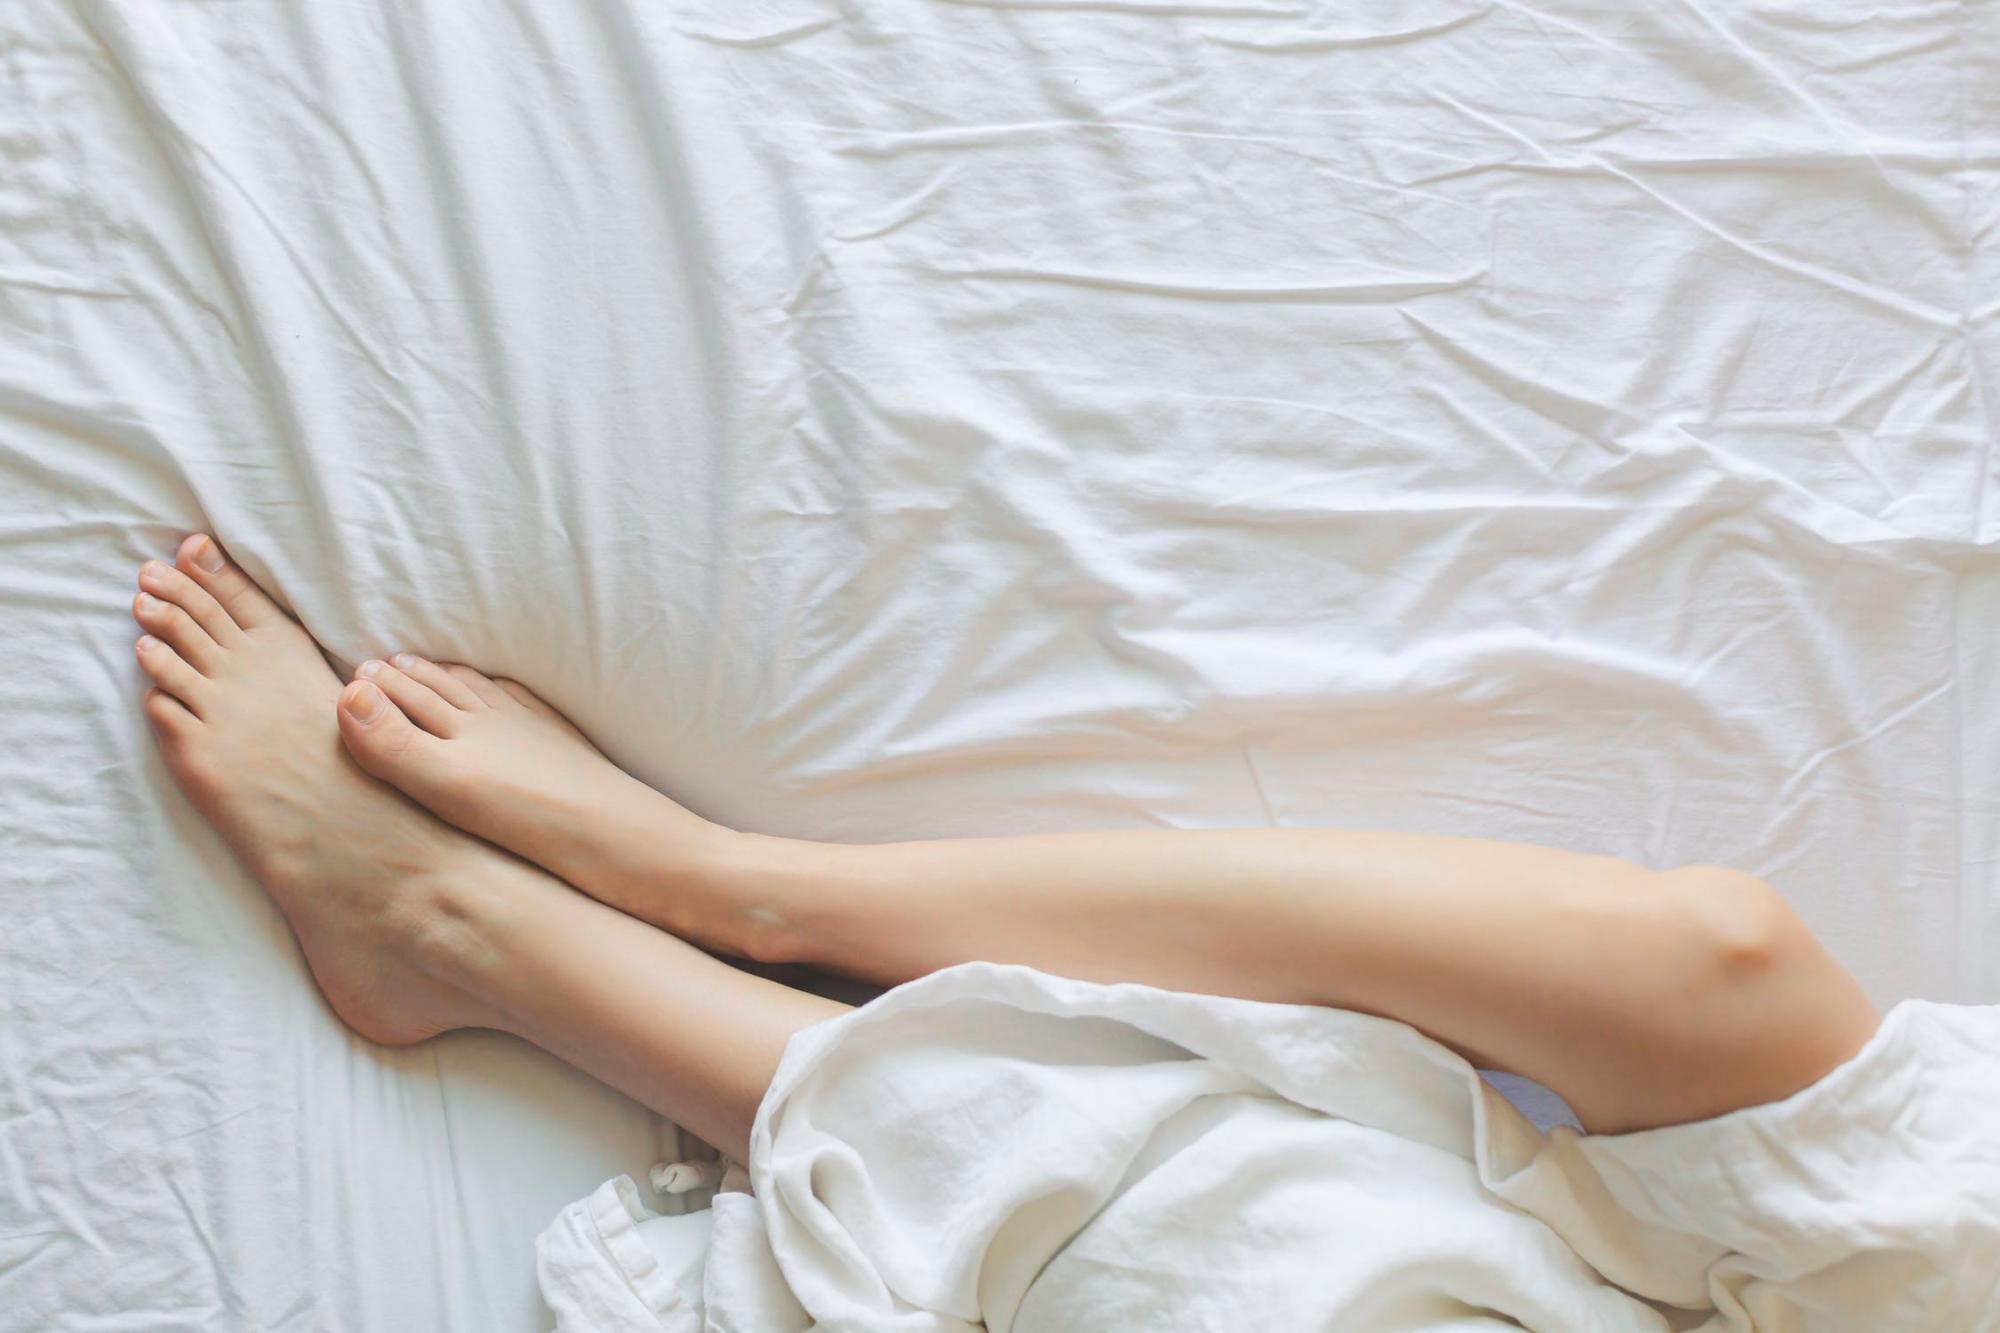 Dolor pélvico femenino de 30 años